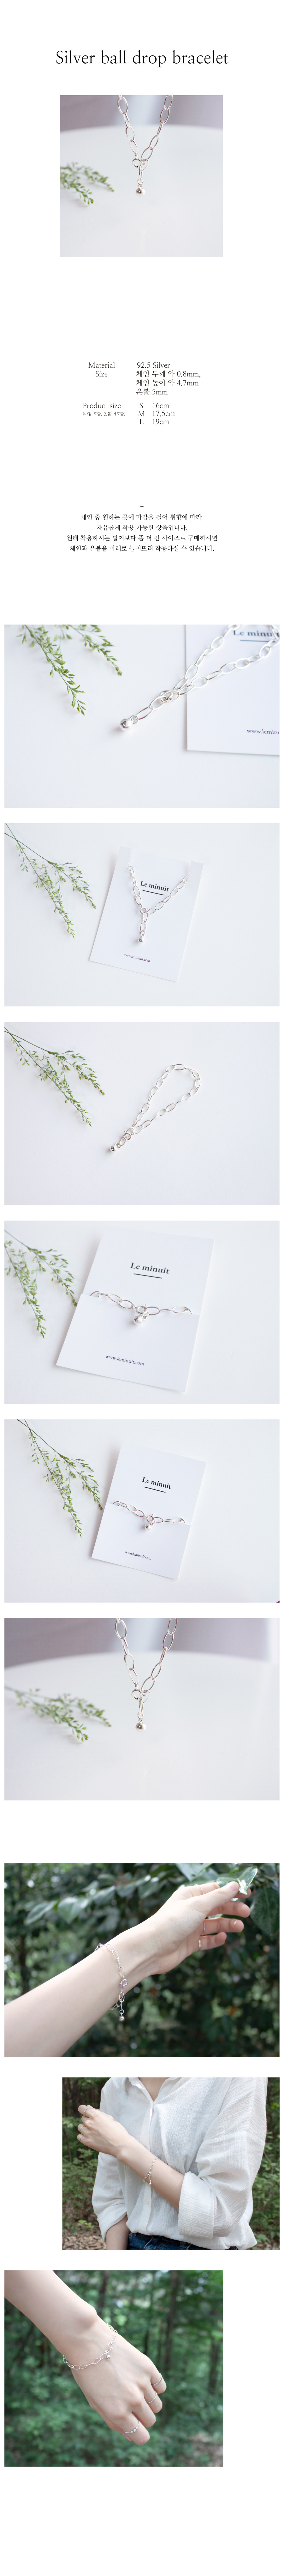 르미닛(LE MINUIT) Silver ball drop bracelet (은볼 고방체인 드롭팔찌) [92.5 silver]